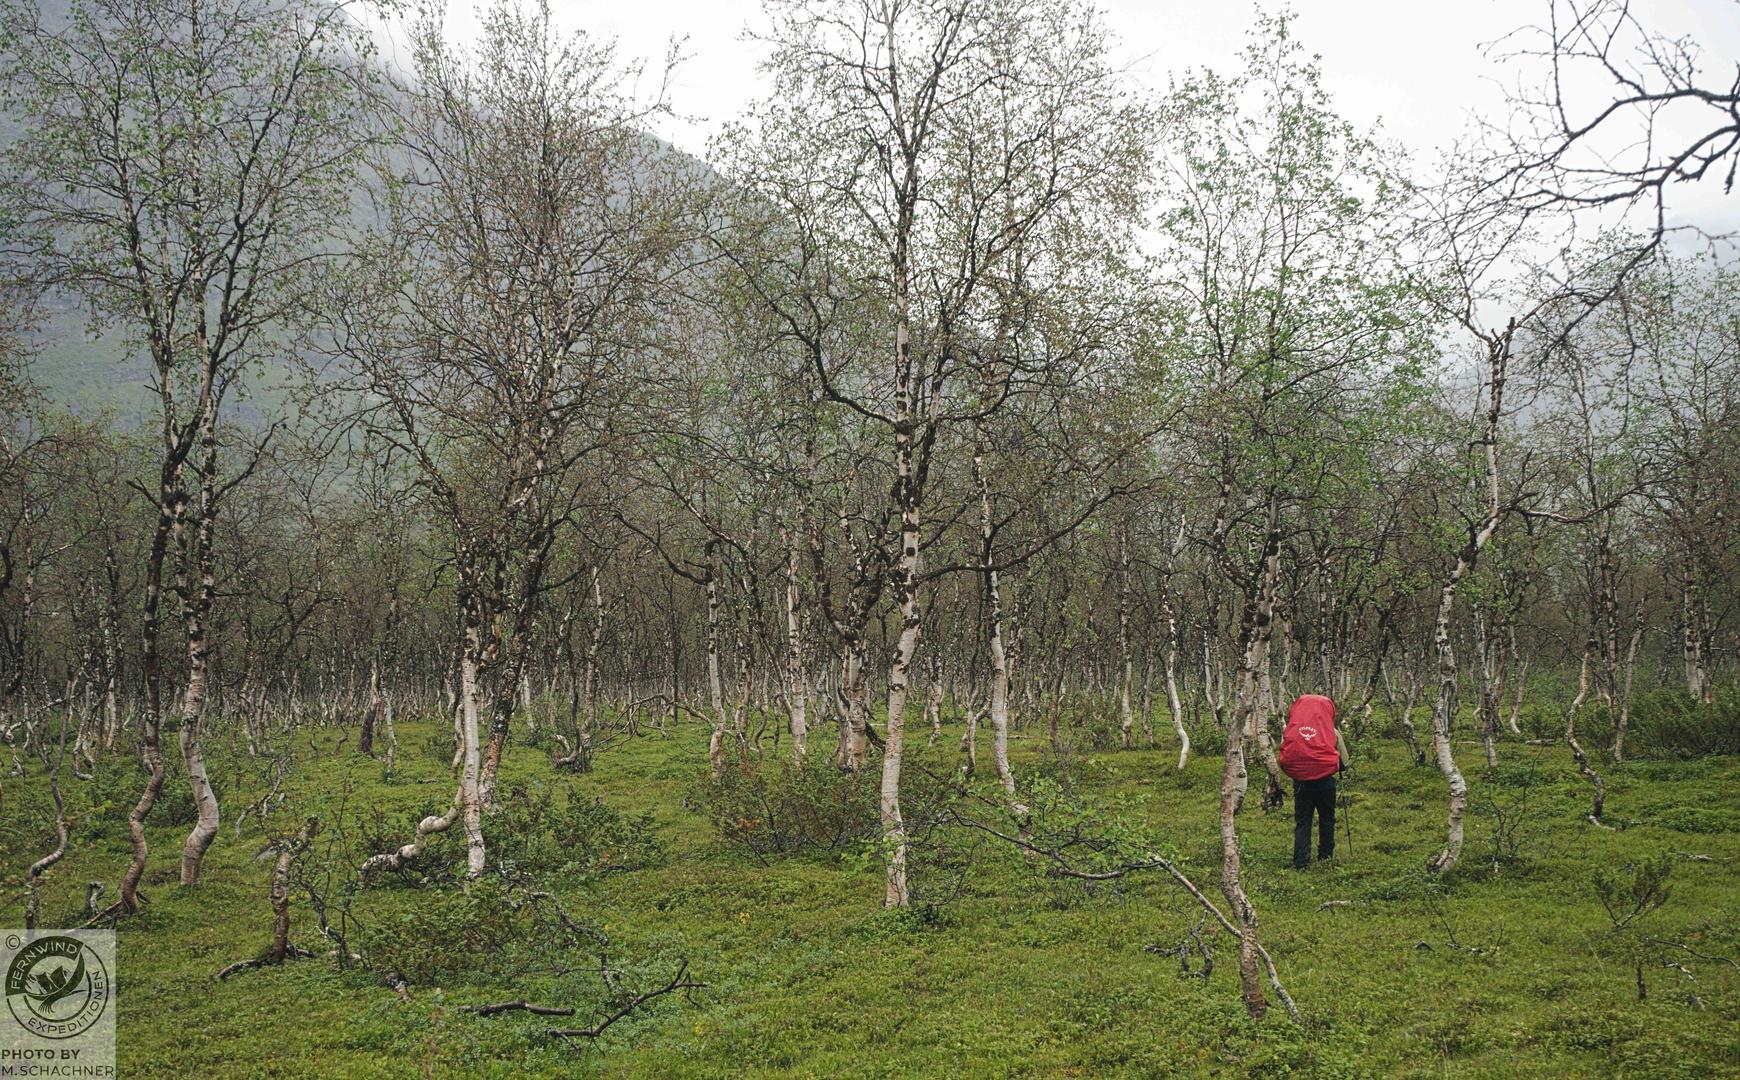 fernwind schweden sarek scouting trekking expedition Birkenwald